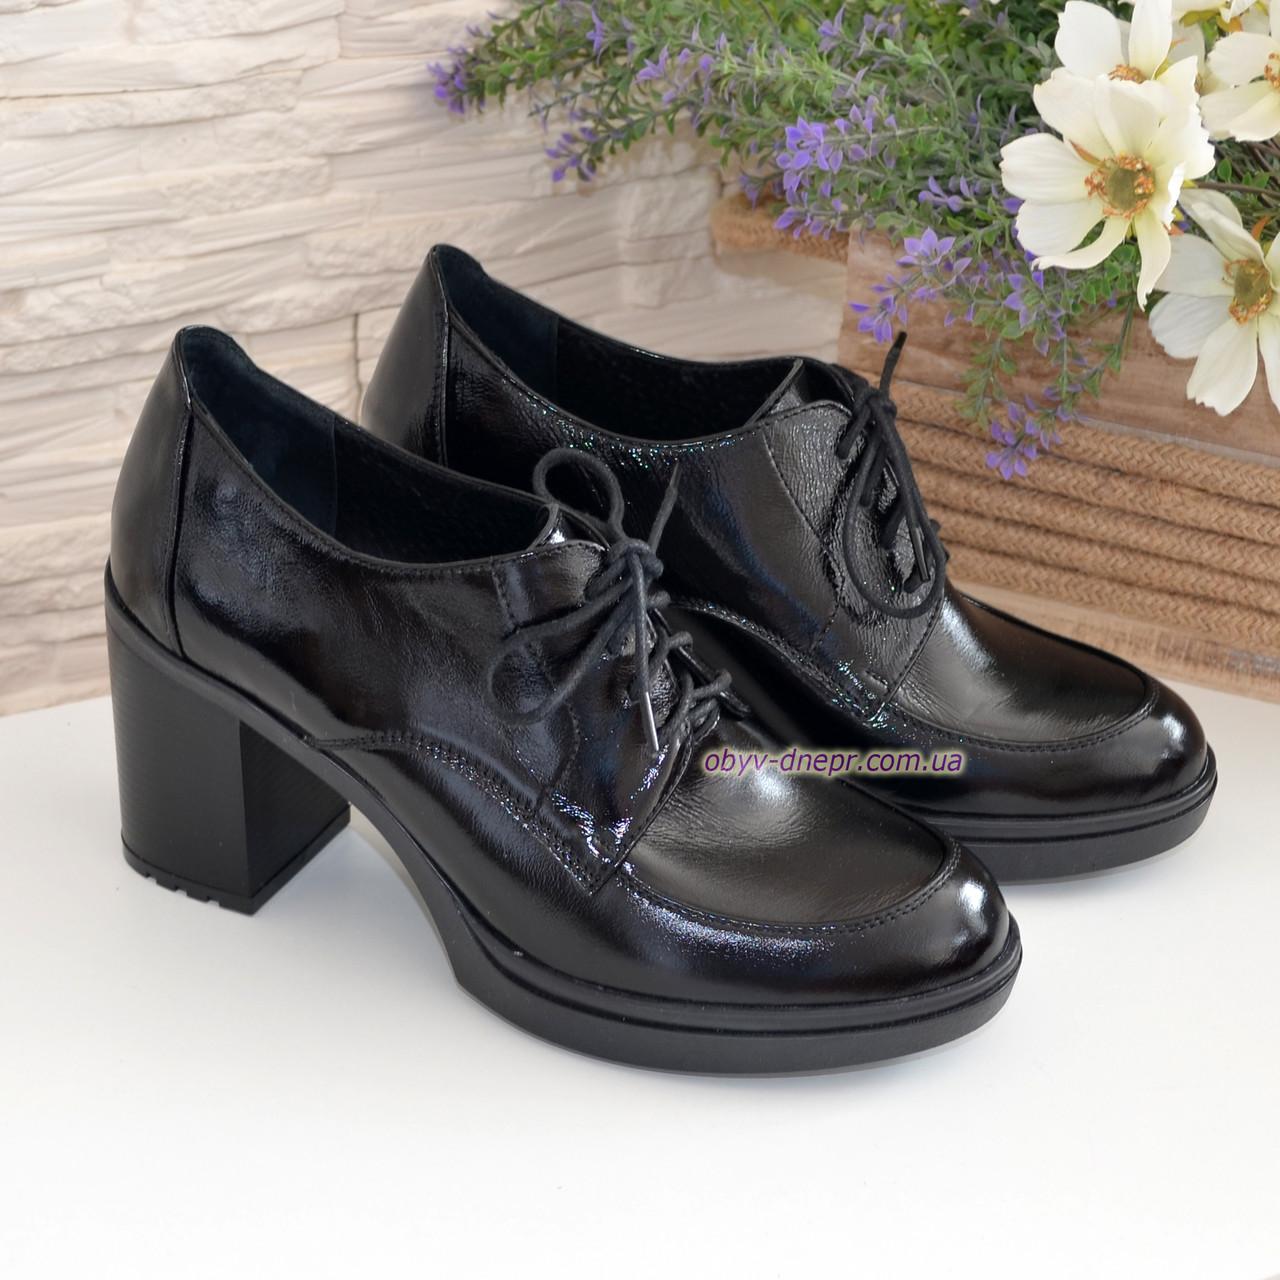 Туфли женские черные лаковые на устойчивом каблуке